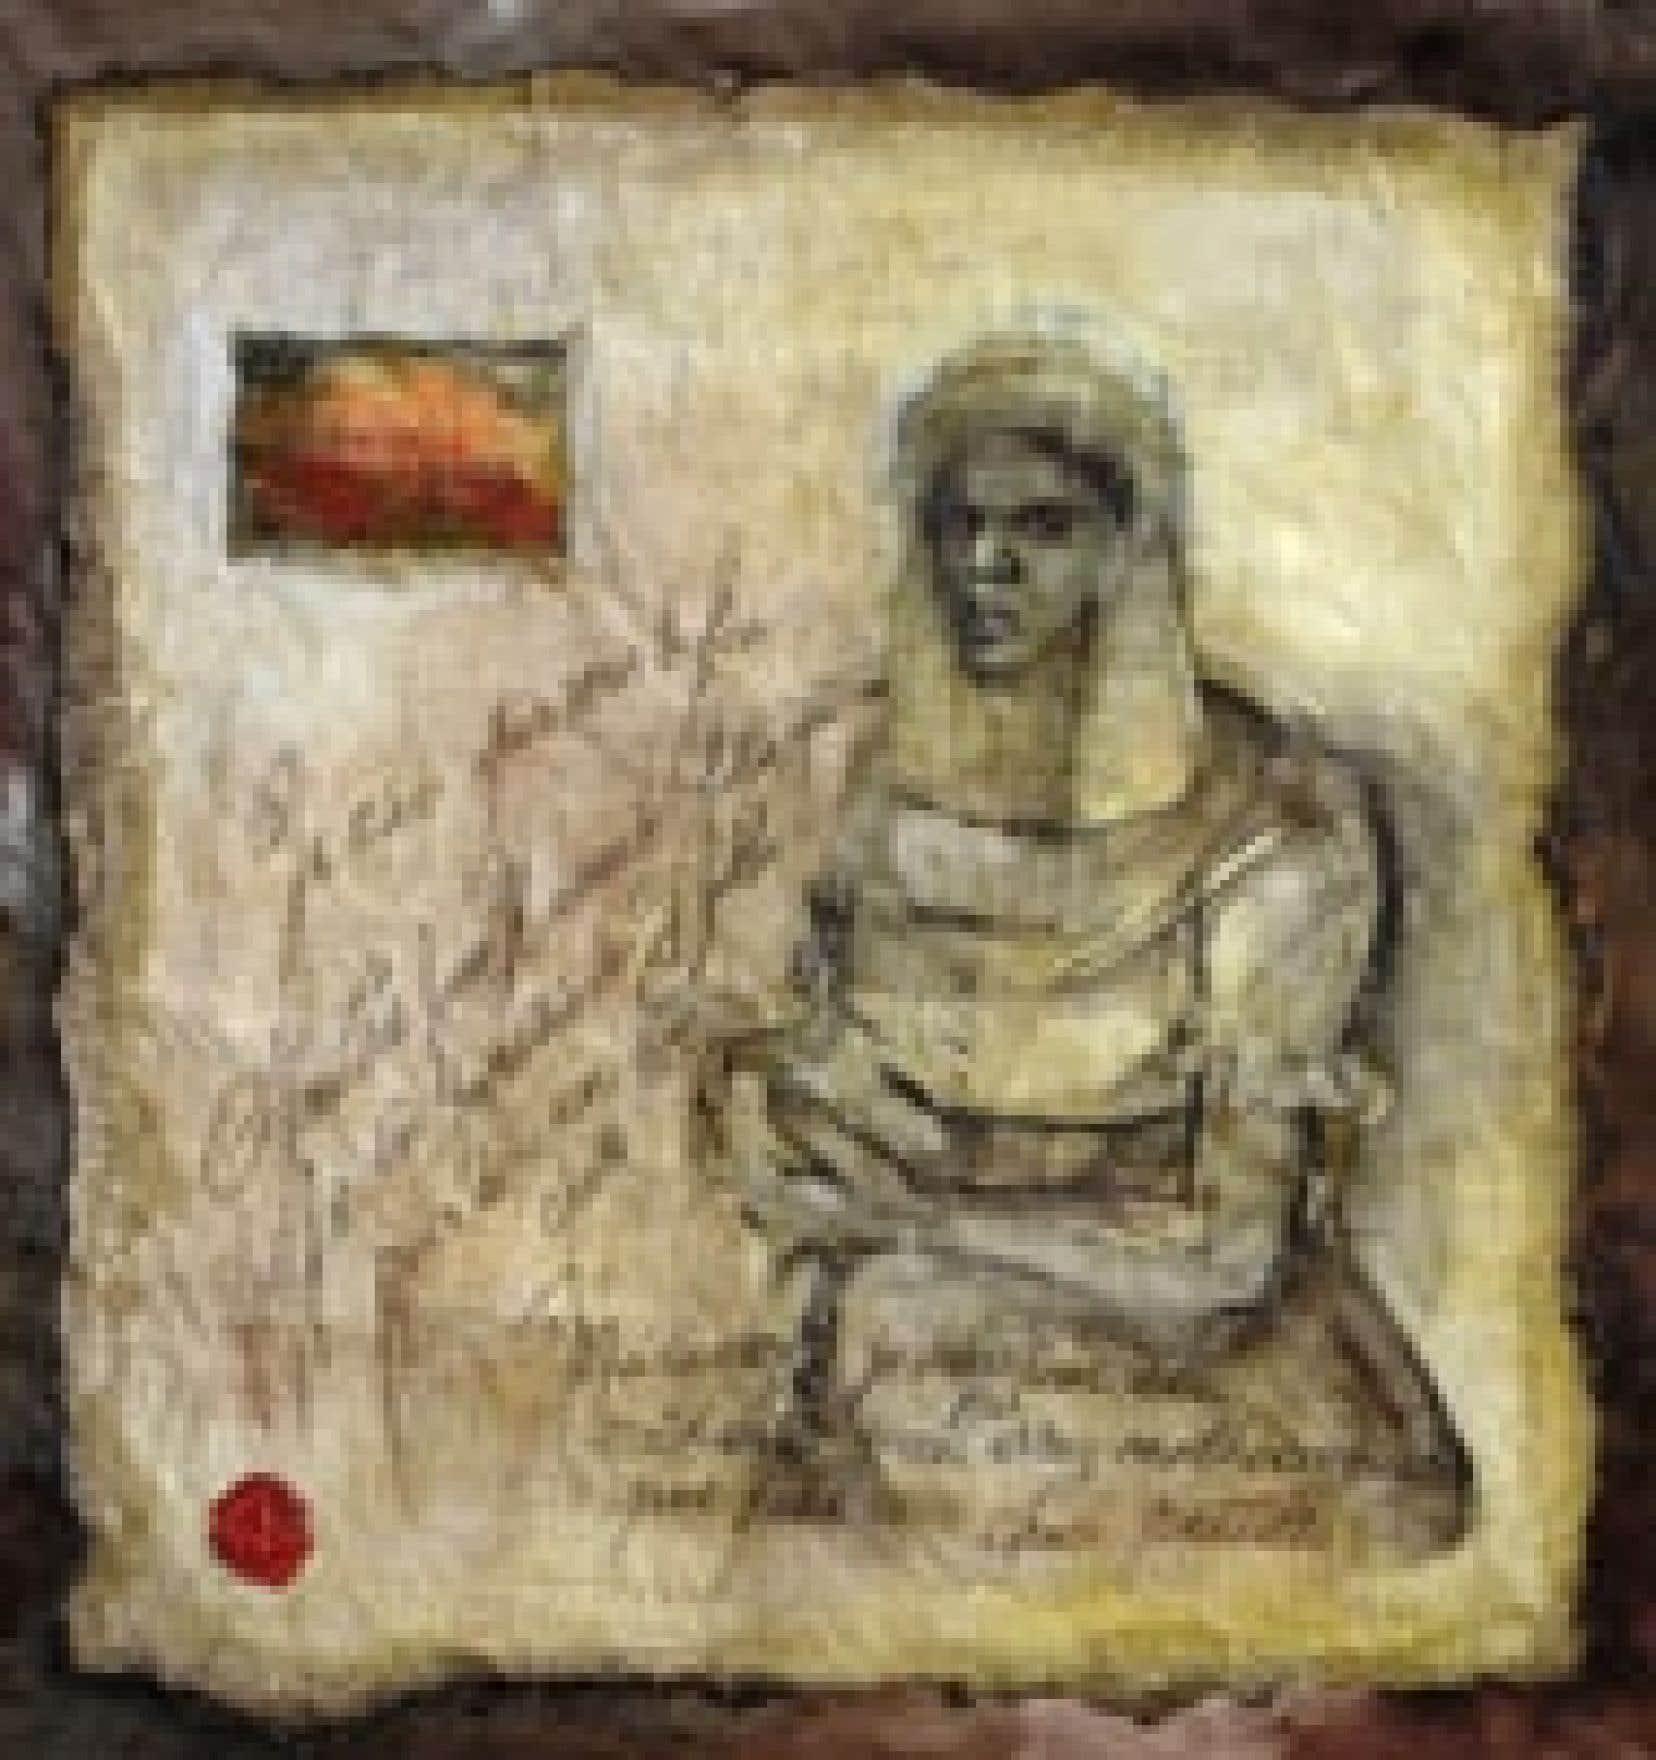 Portrait de Marie-Josèphe-Angélique par Marie-Denise Douyon, 2006, technique mixte (pastel, huile et térébenthine) sur papier marouflé sur toile.